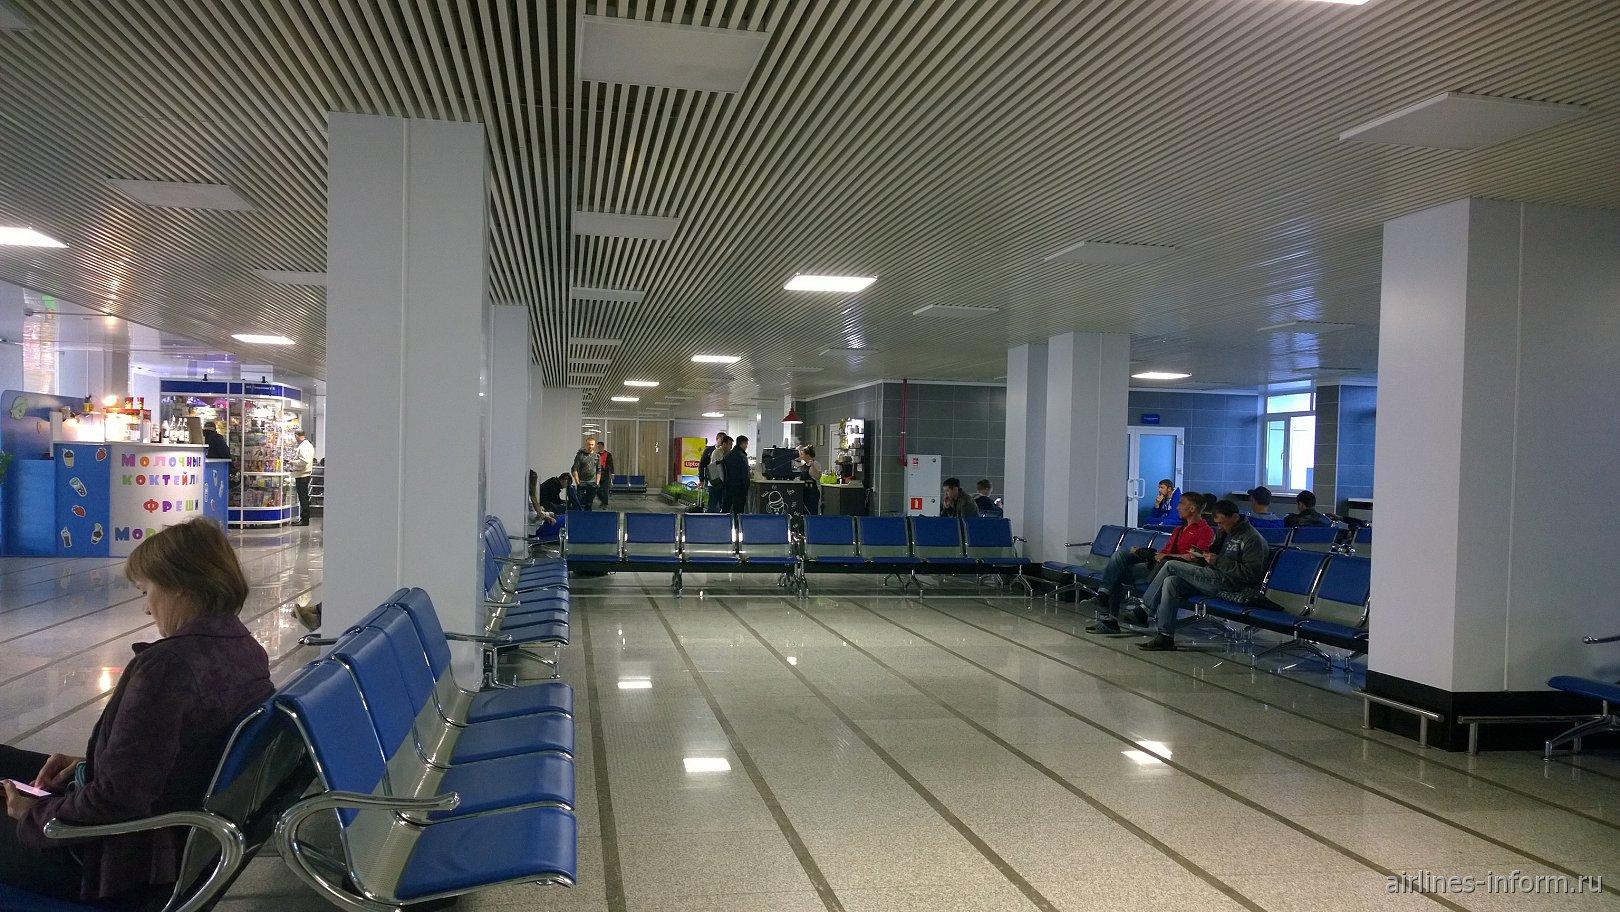 Зал ожидания в аэропорту Благовещенск Игнатьево